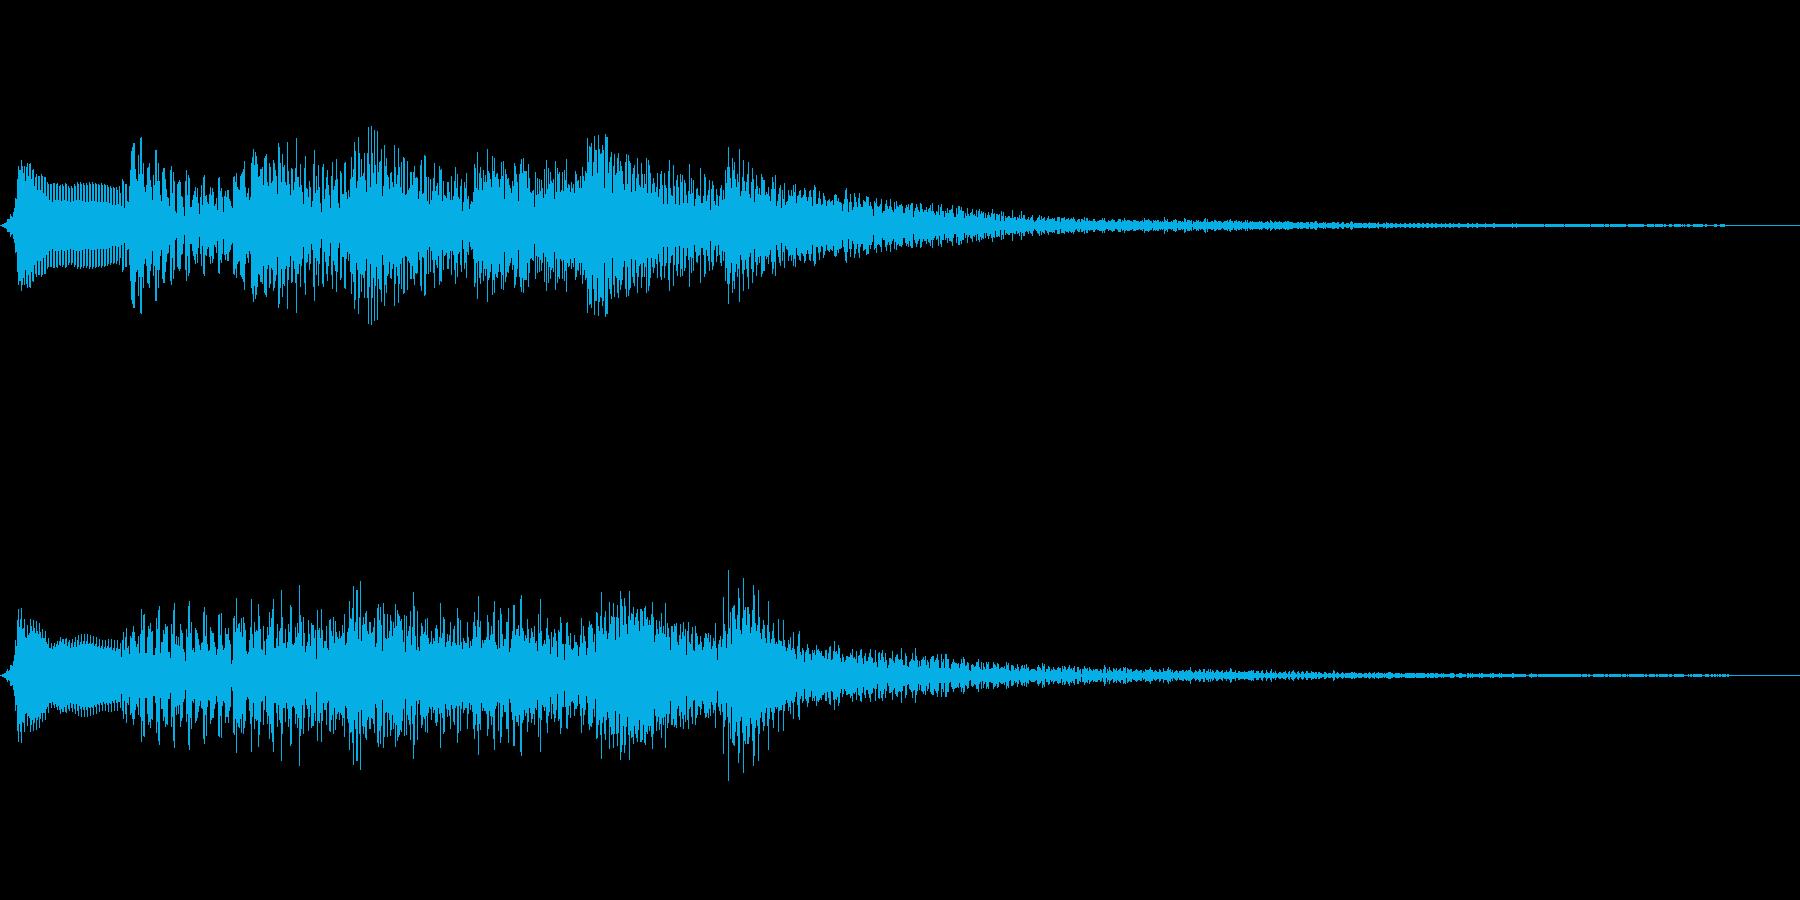 和風の場面転換音(琴/ハープの音色)高音の再生済みの波形